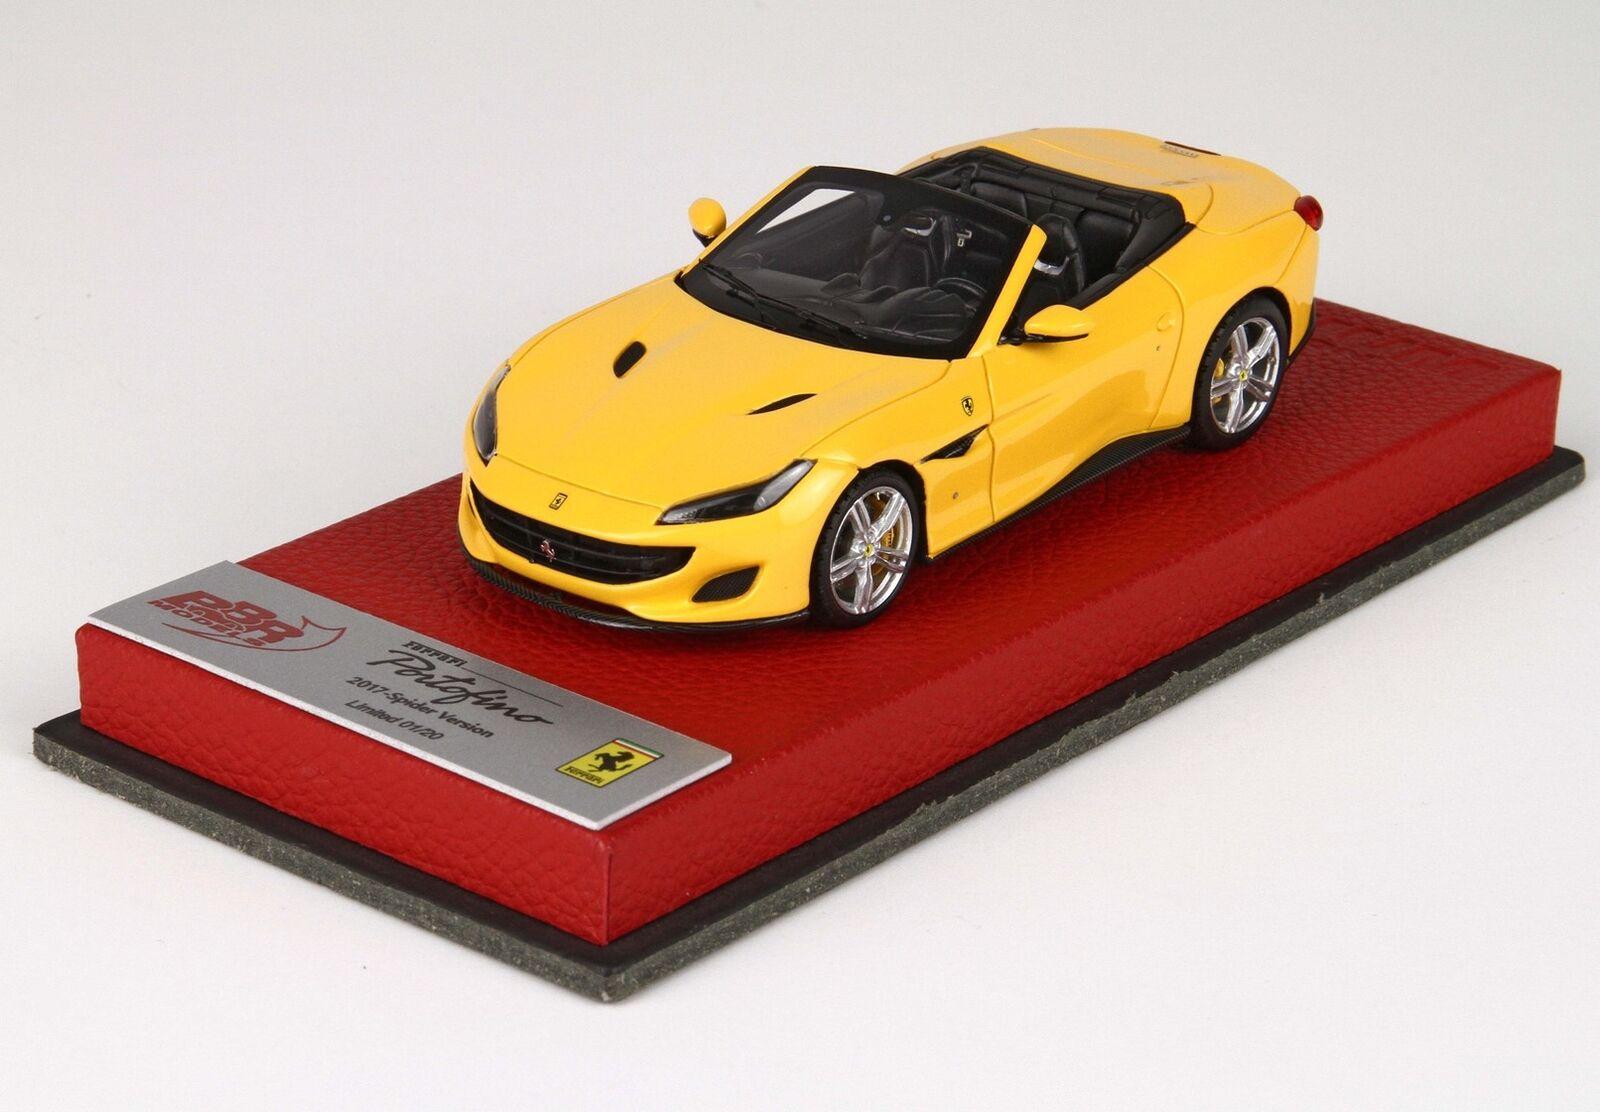 Ferrari Portofino Ferrari Portofino 7 jaune Lim.Ed. 20 pcs BBR 1 43 BBRC207CPRE